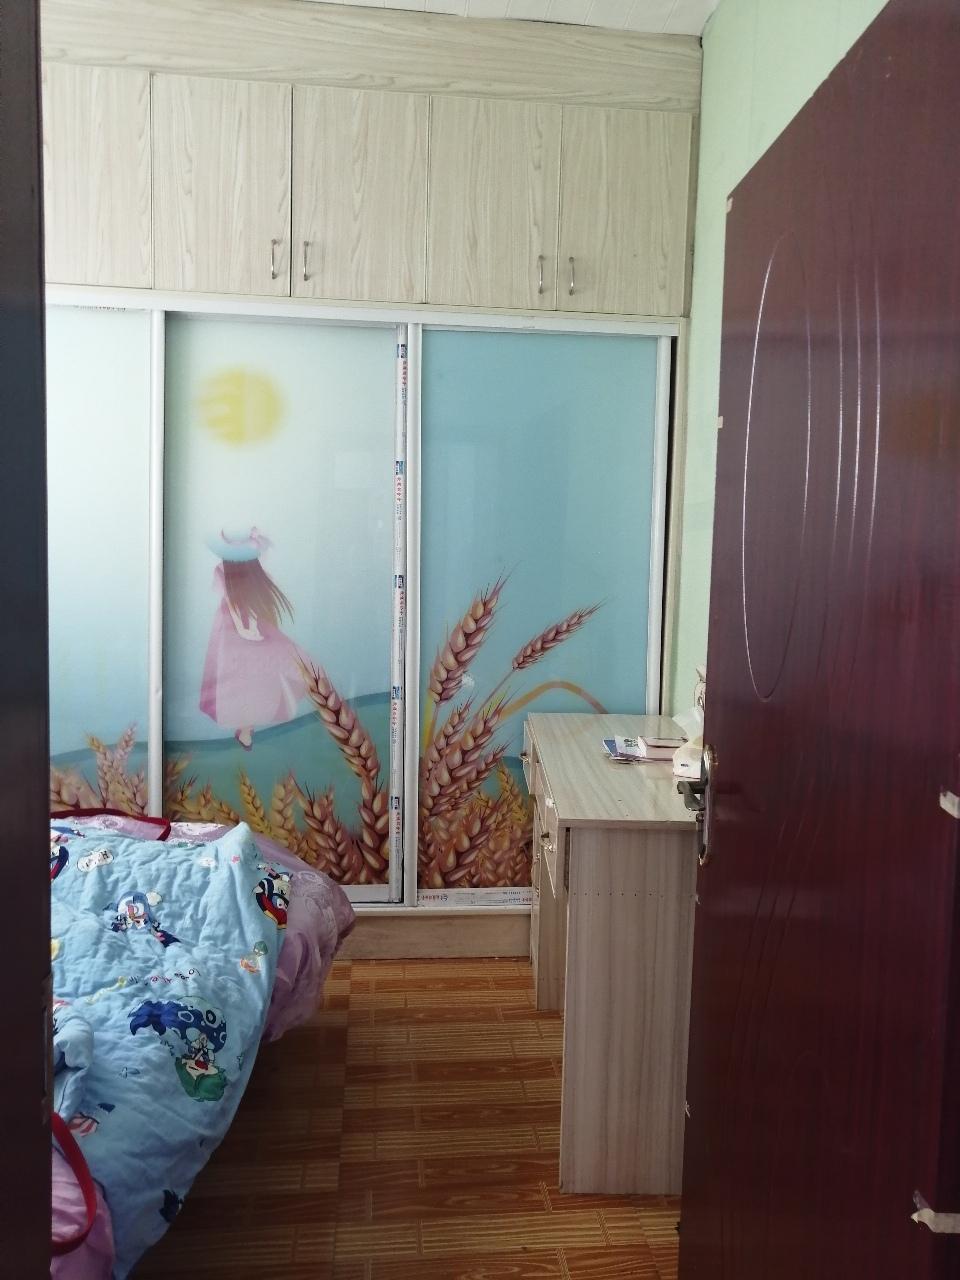 想不到的价格层赶快抢吧,四小附近学区房,加上拆迁户2室 2厅 1卫70万元